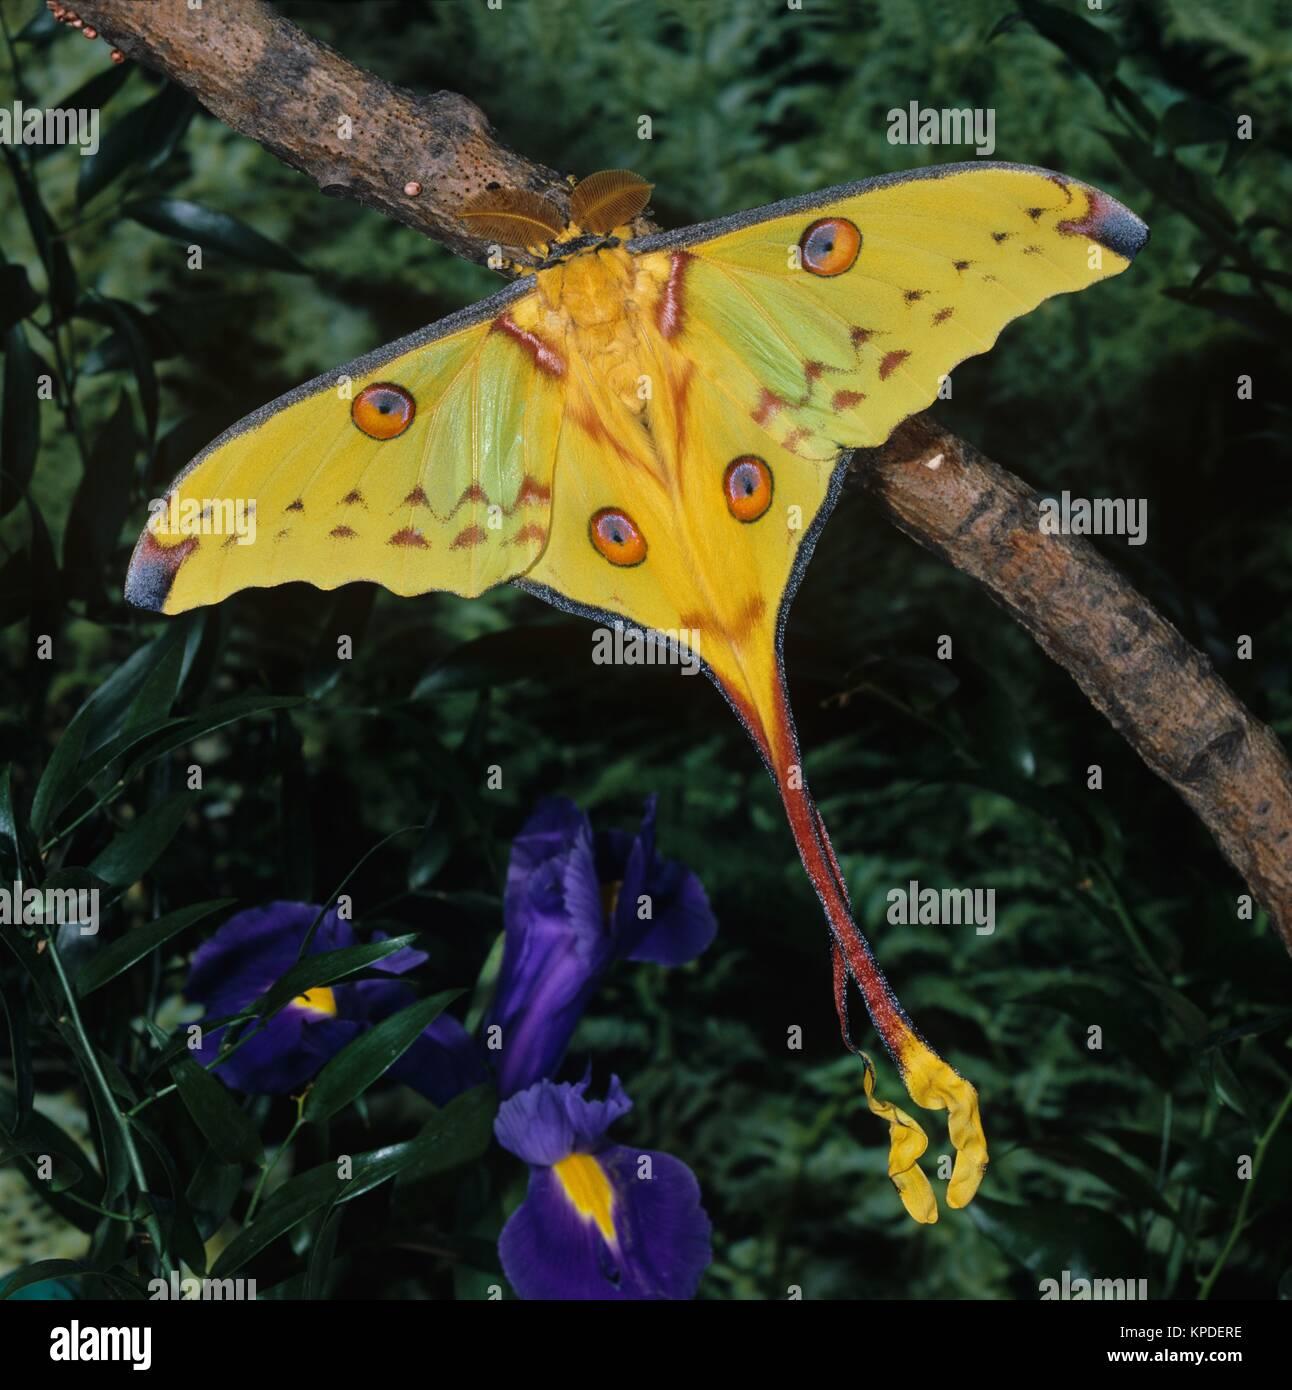 Kometenfalter, männlicher Falter, Argema mittrei, Madagaskar , Nachtfalter, ein grosser Schmetterling, Spannweite bis 120mm, Vorkommen nur an wenigen Stellen auf der Insel Madagaskar Stock Photo